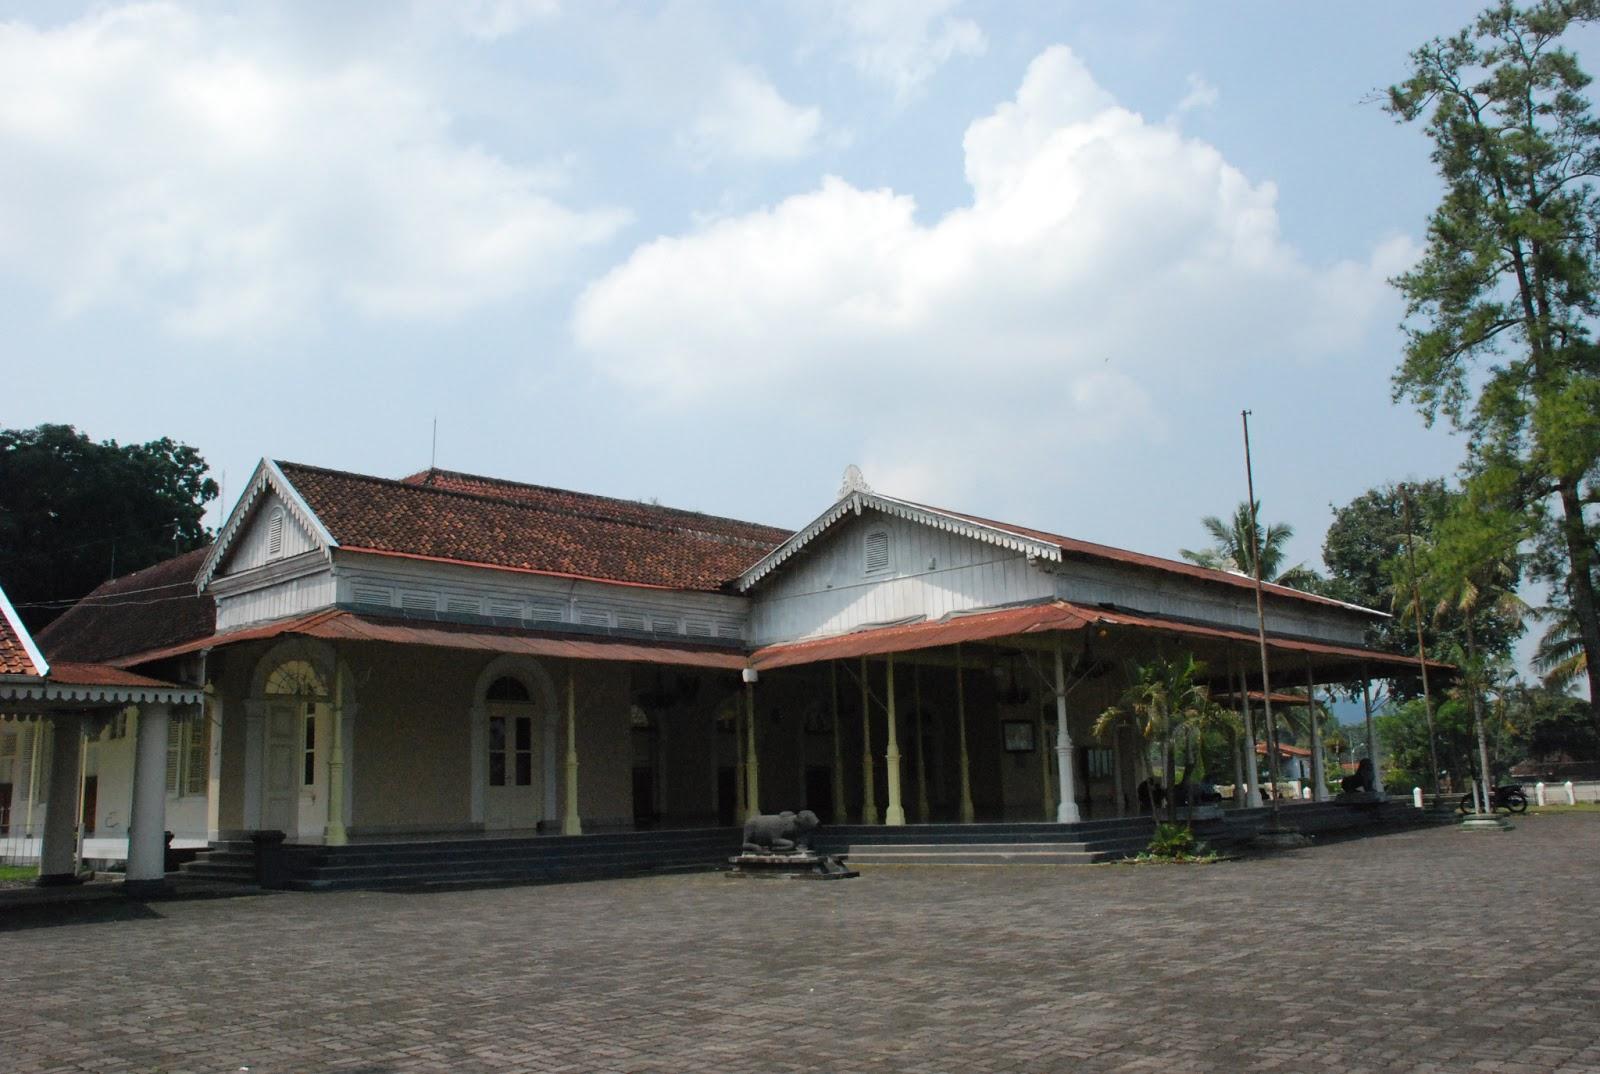 Dinas Pemuda Olahraga Kebudayaan Pariwisata Kota Magelang Museum Pangeran Diponegoro